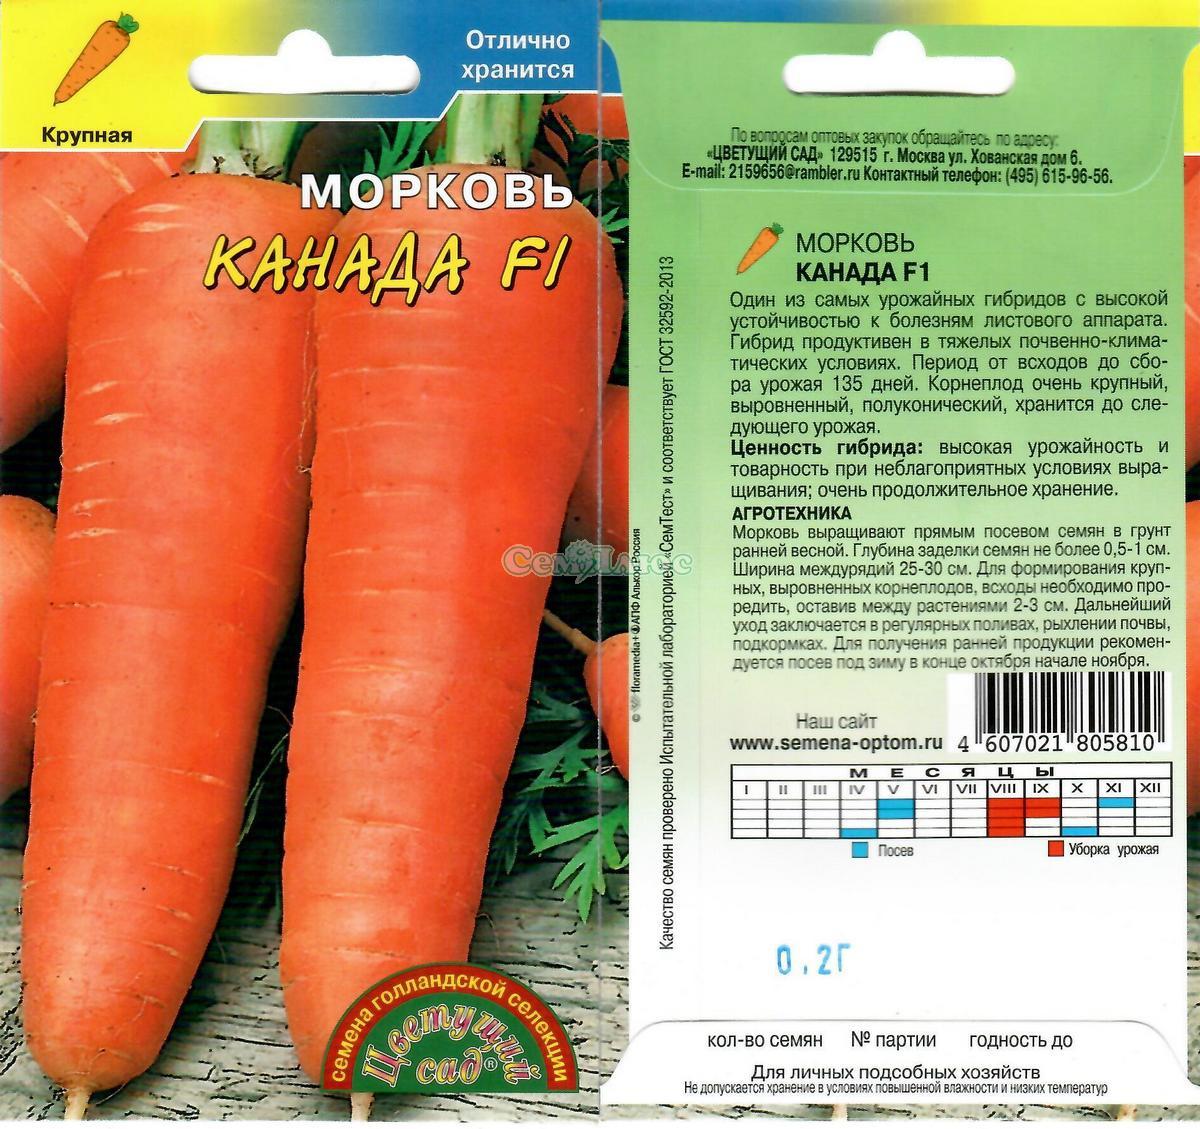 Морковь абако: характеристика и описание, отличие от других видов и похожие сорта, достоинства и недостатки, а также особенности выращивания и ухода русский фермер